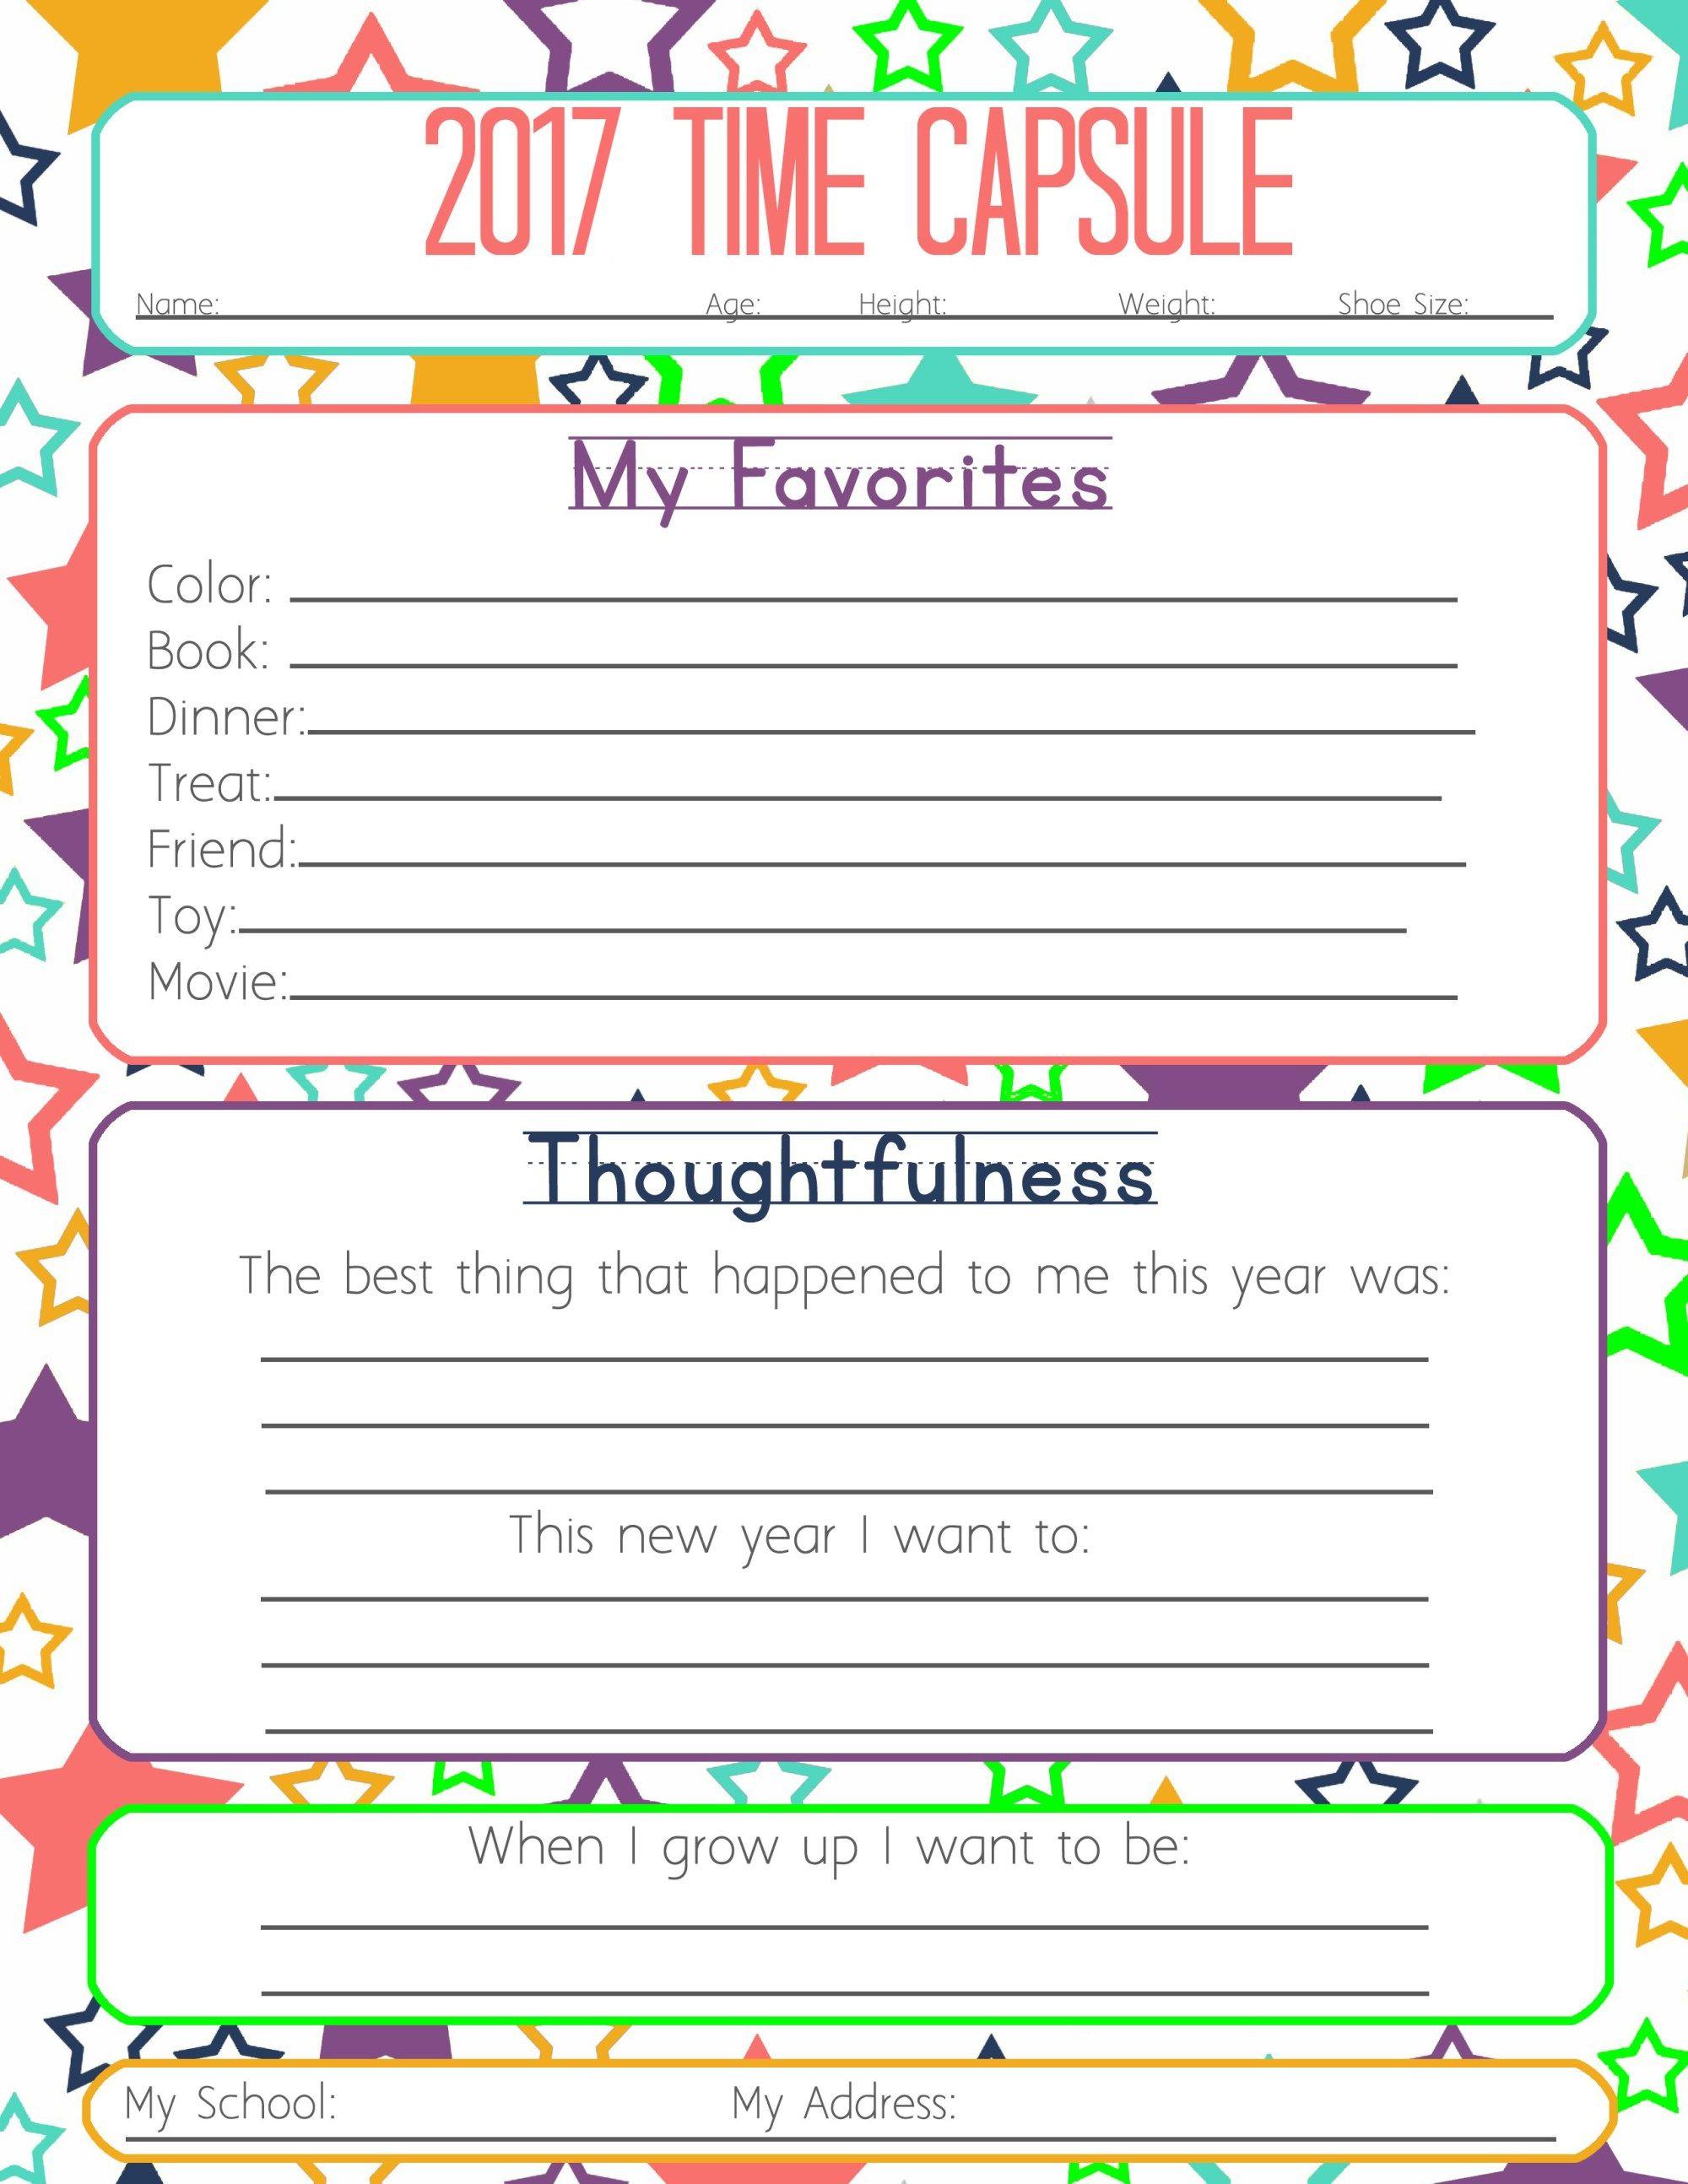 worksheet Time Capsule Worksheet new years resolution time capsule worksheets and activities for kids